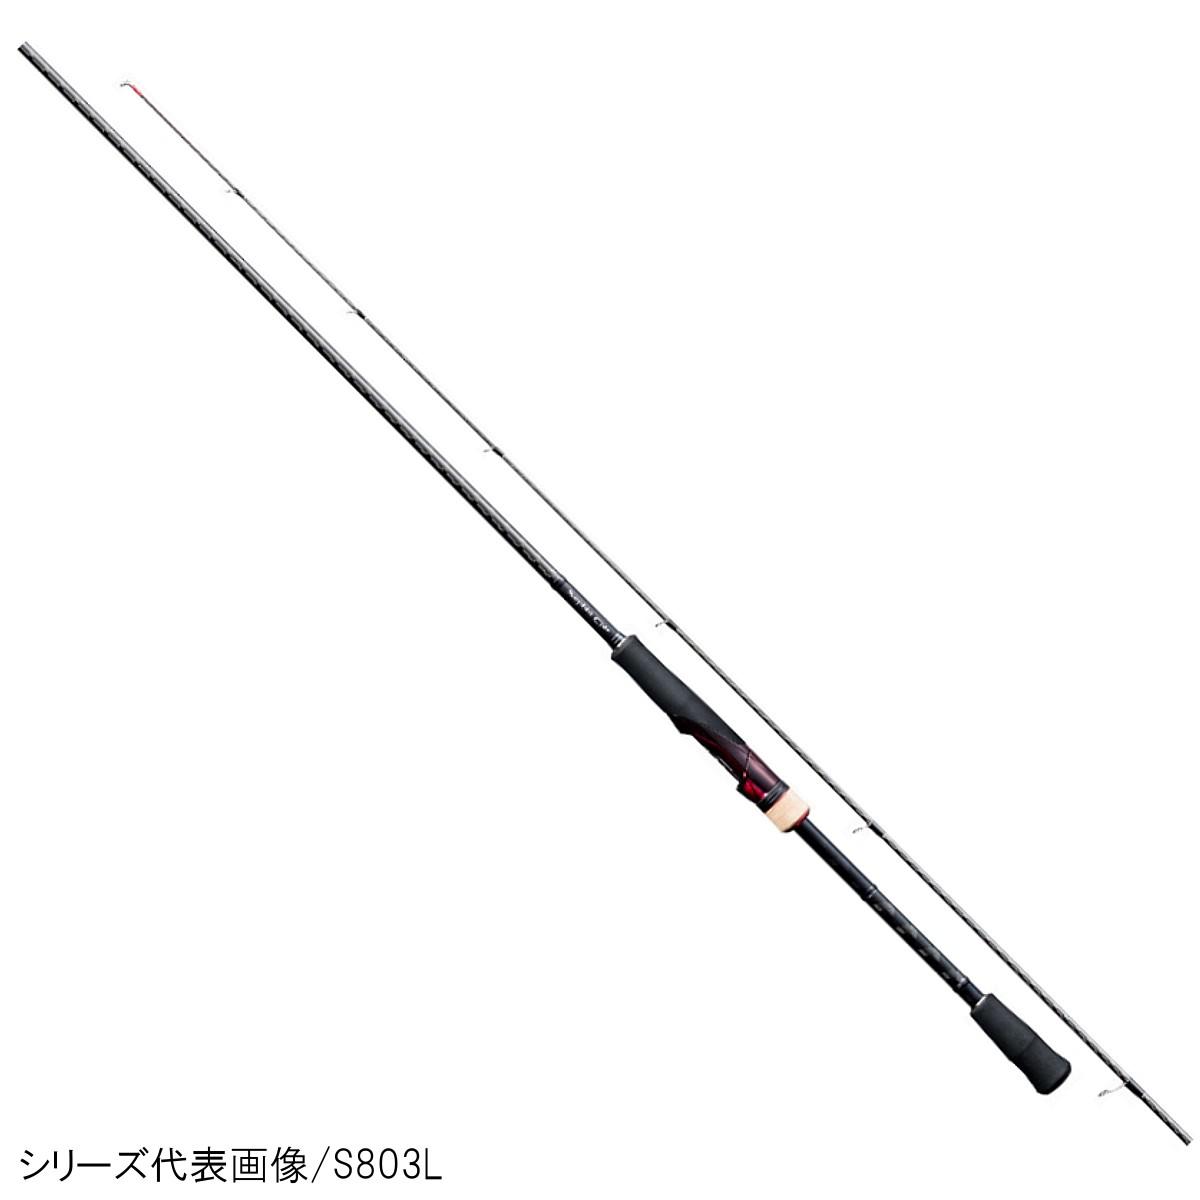 シマノ セフィアCI4+ S806L【大型商品】(東日本店)